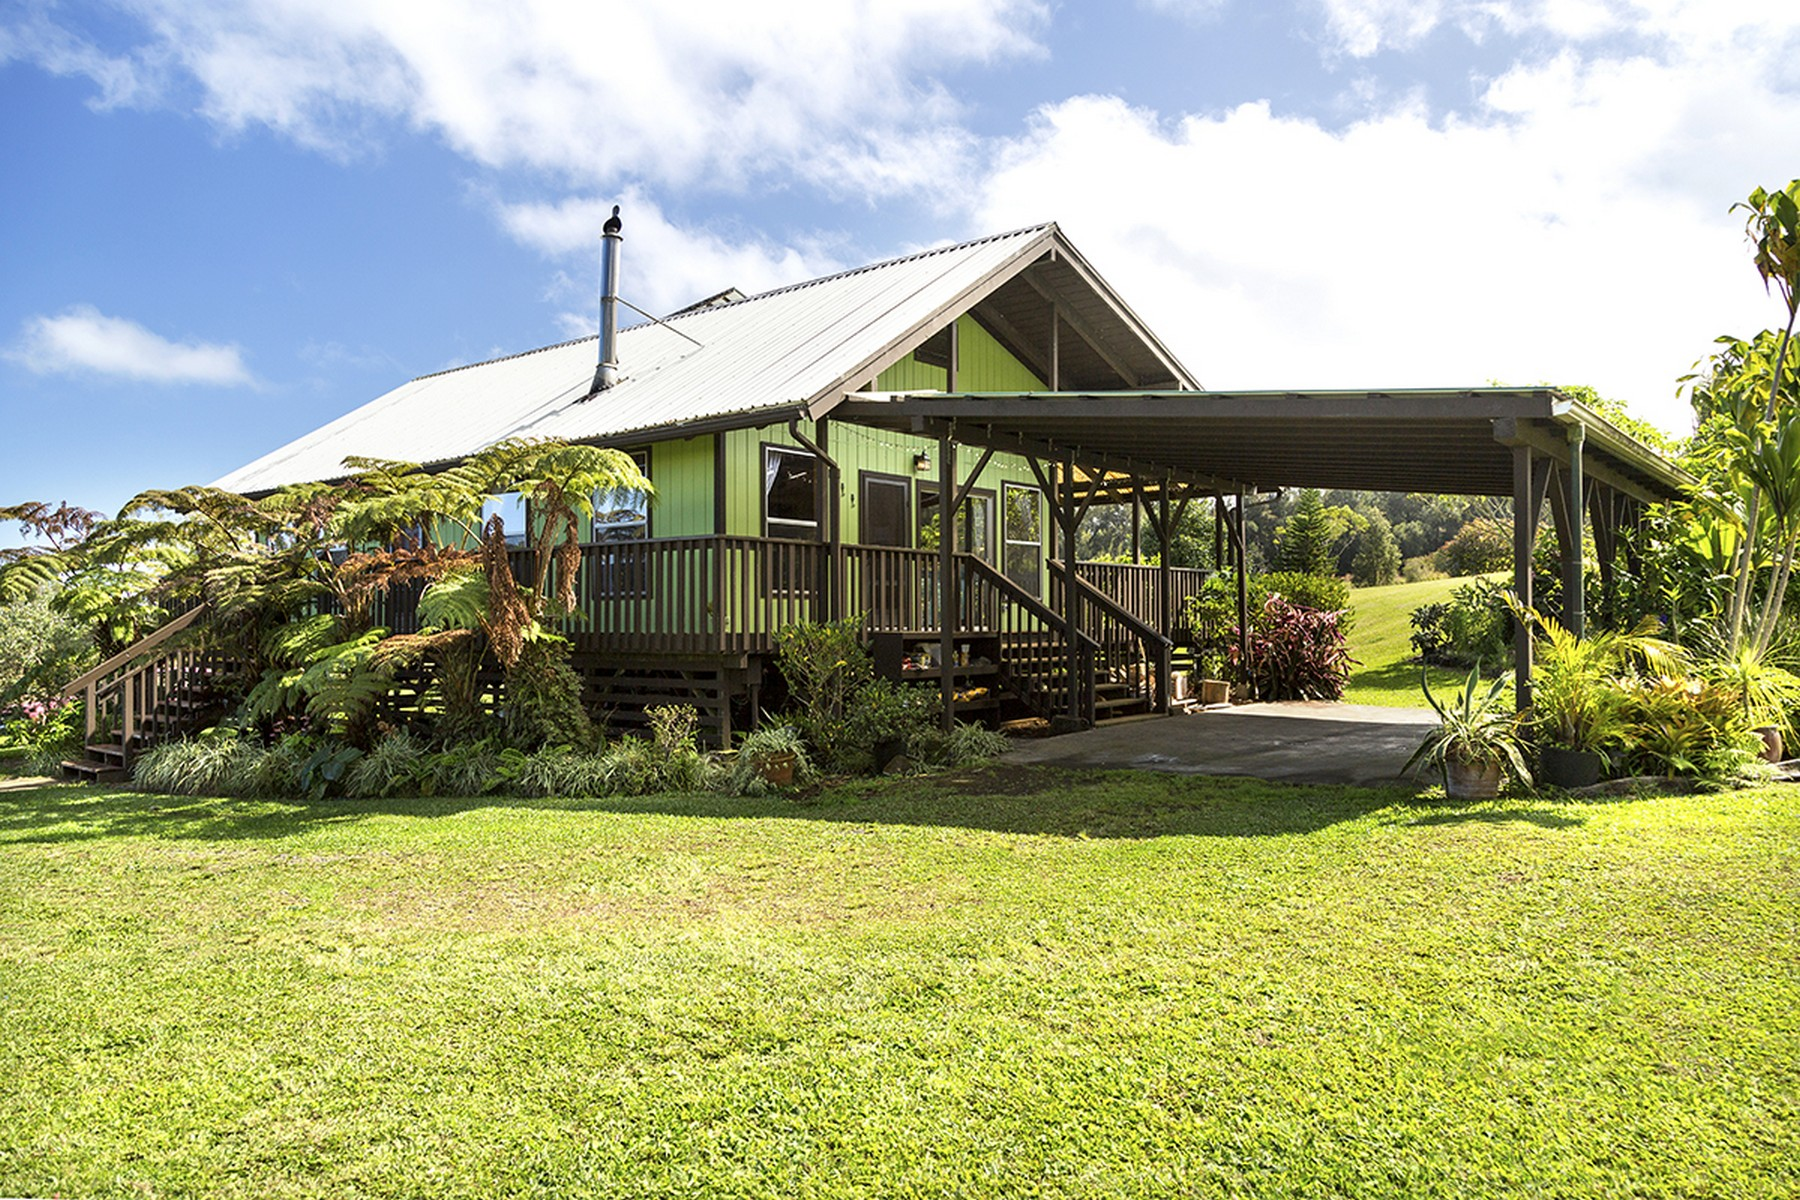 Single Family Home for Sale at Ahualoa Homesteads 45-3463 Kahana Dr. Honokaa, Hawaii 96727 United States